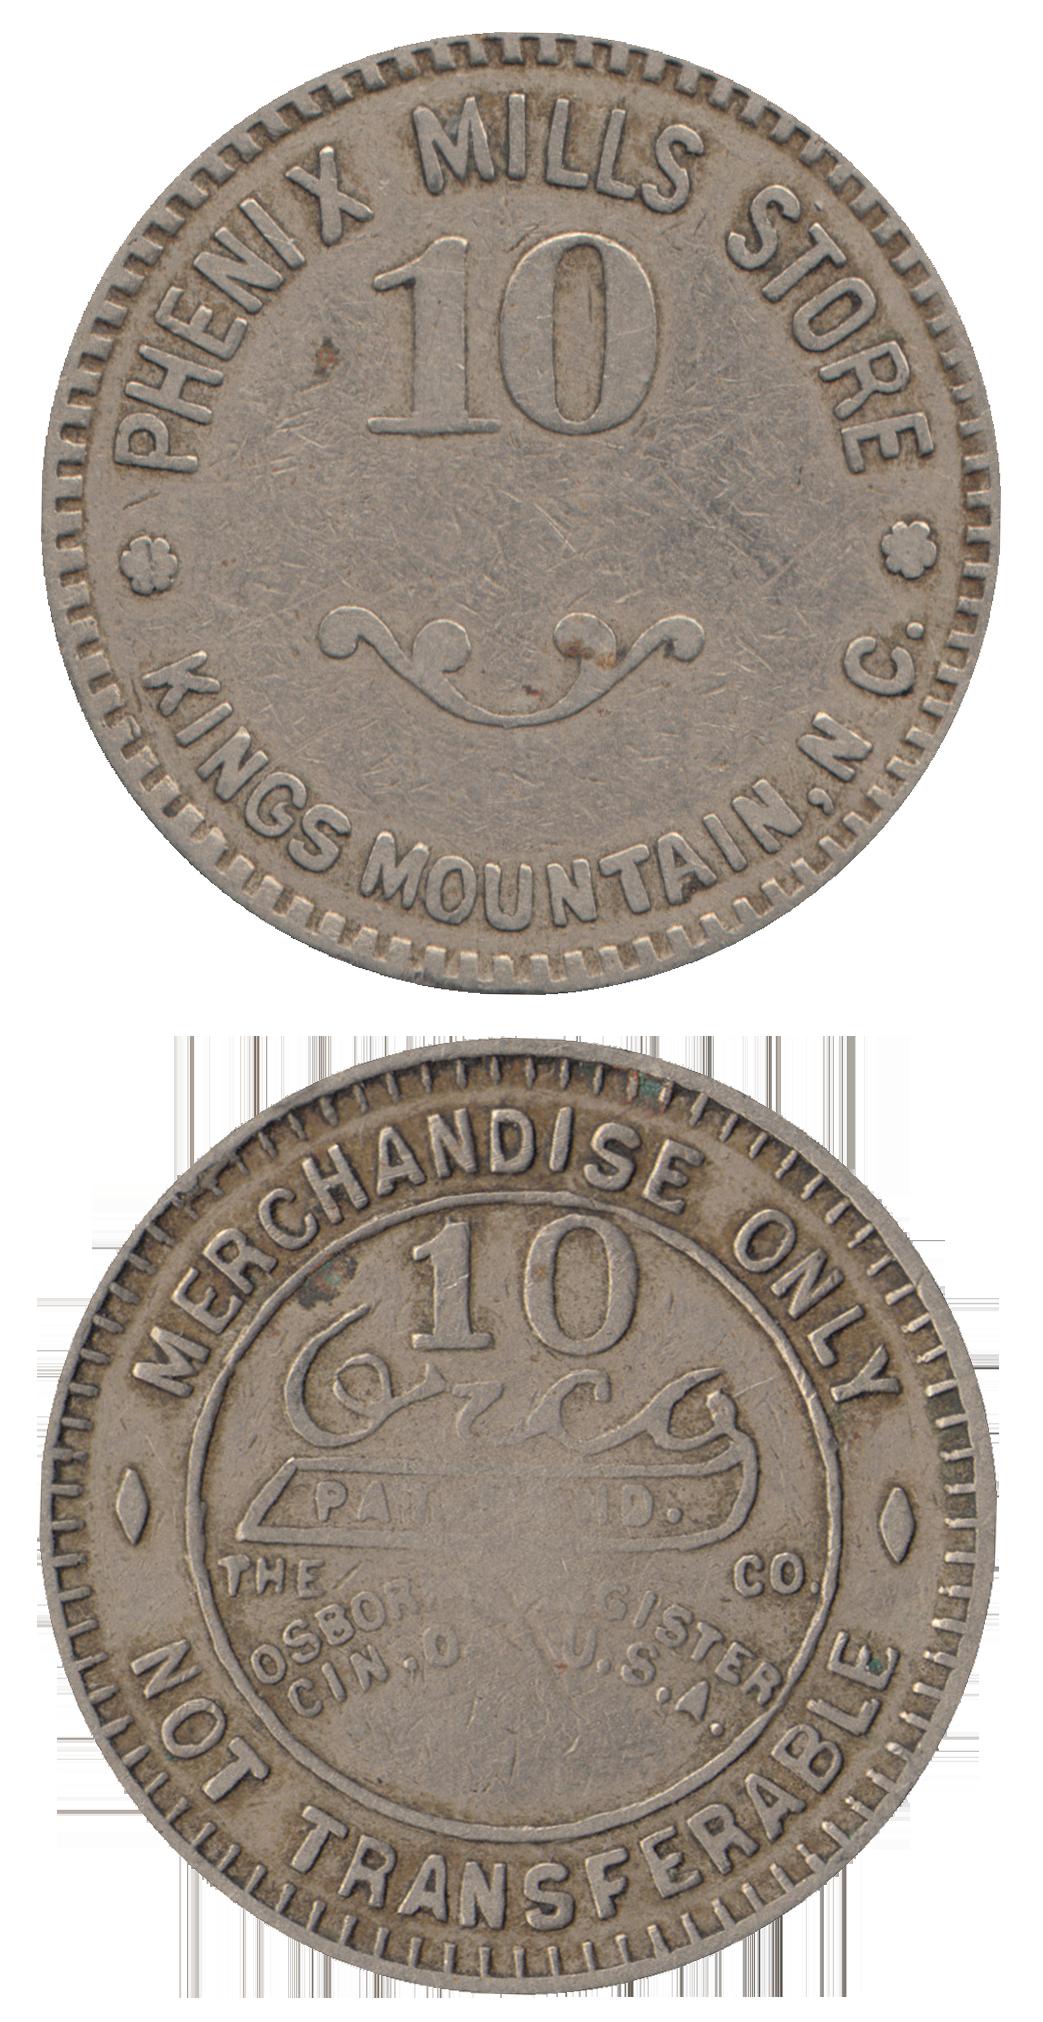 Phenix Mills token